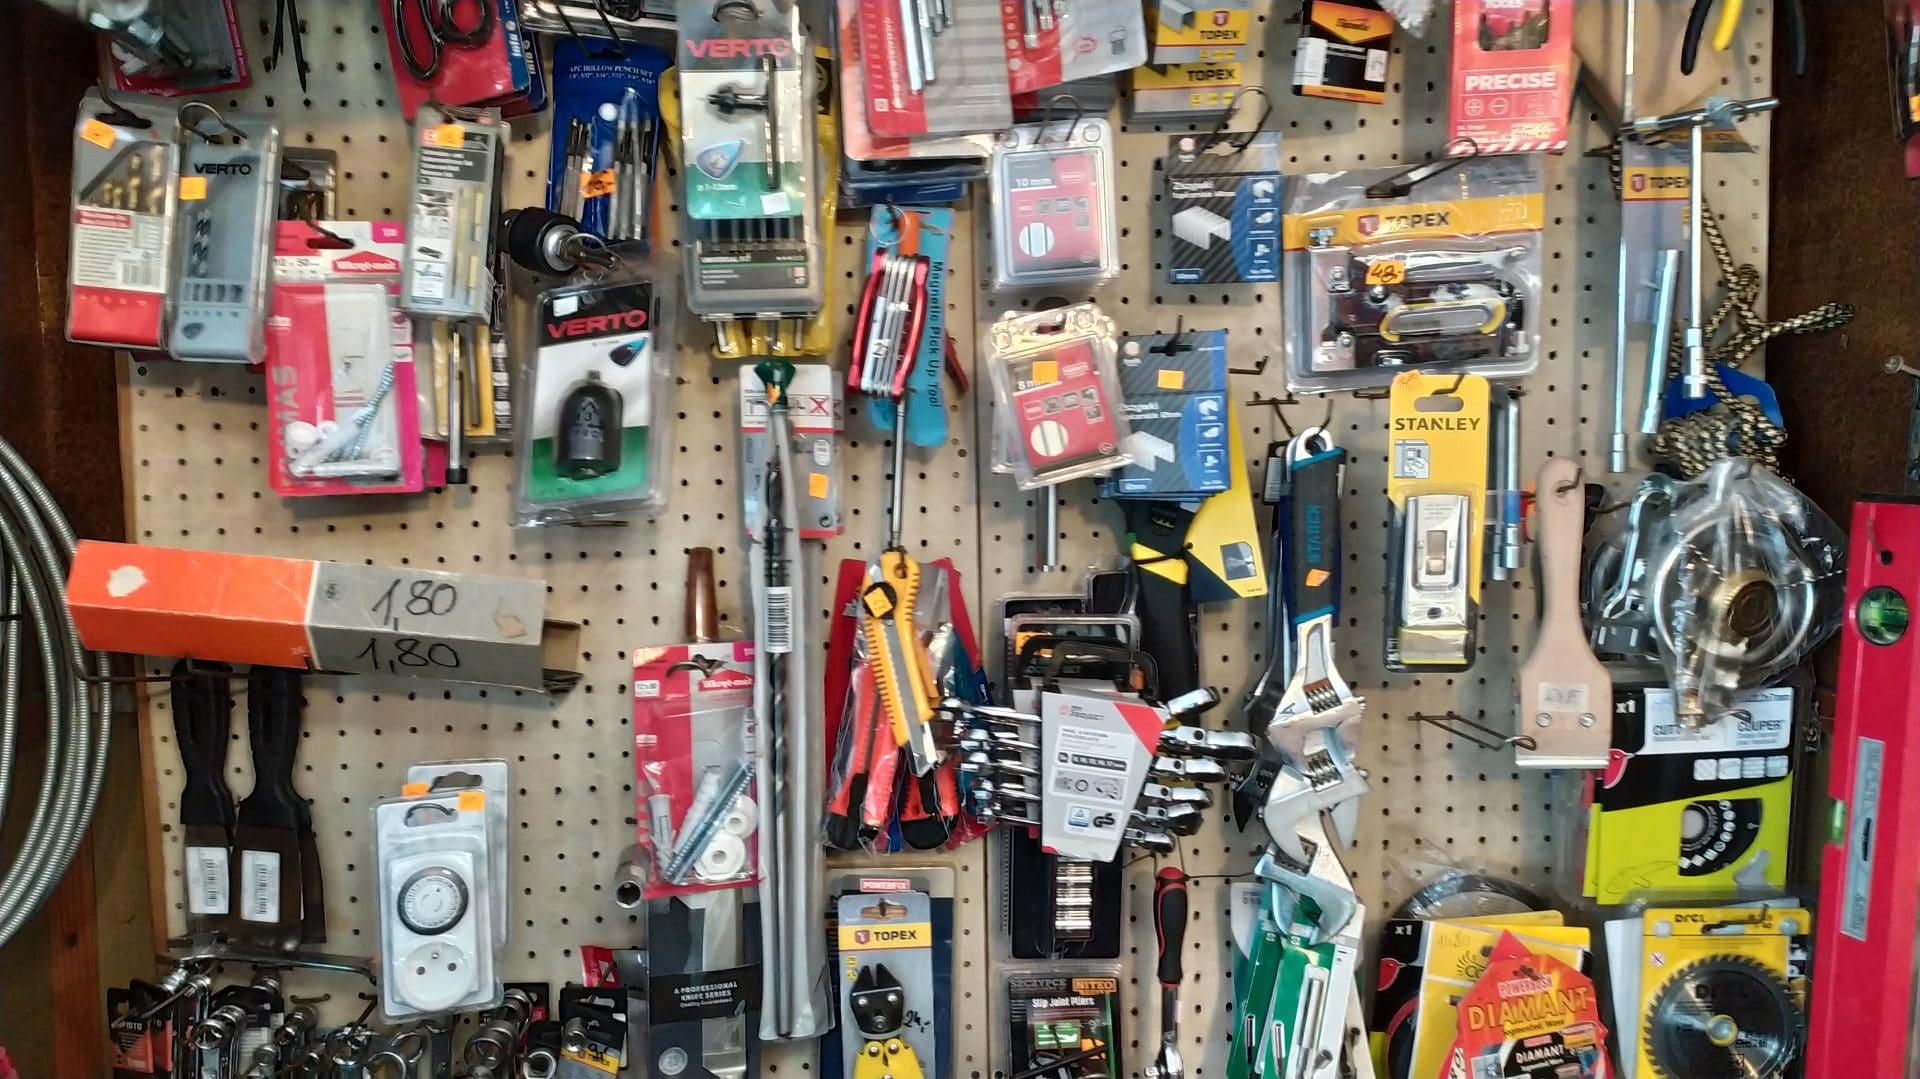 Sklep metalowy pana Piotra oferuje kleje, narzędzia, klamki, wkładki, śrubki, itd..., itp...